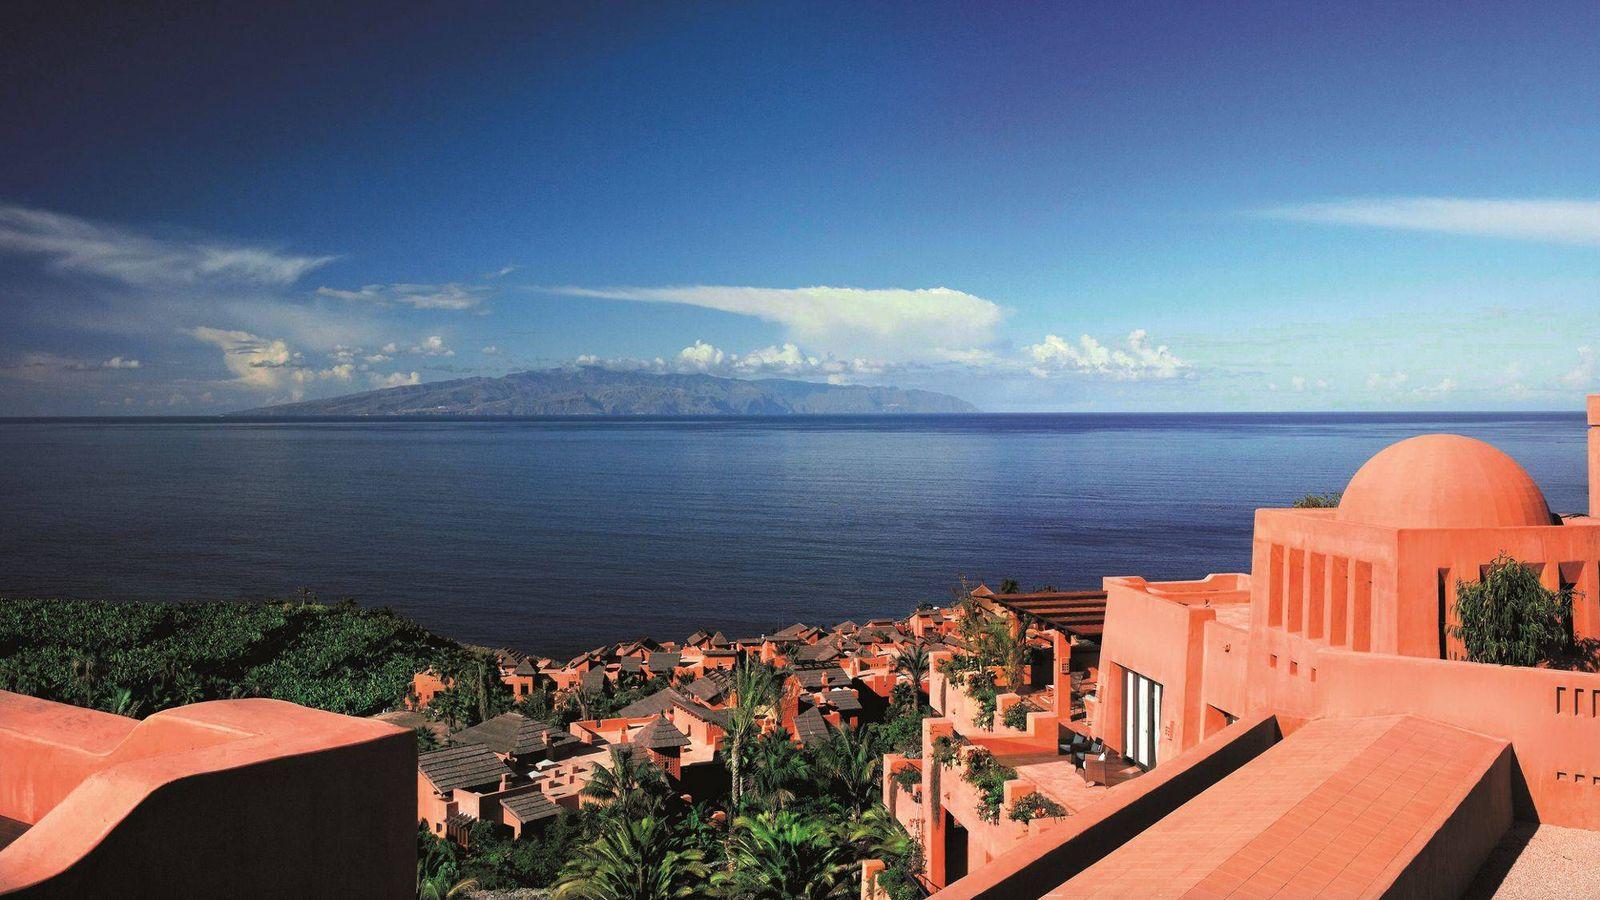 Foto: The Ritz-Carlton, Abama, en Tenerife, es uno de los hoteles de HI Partners